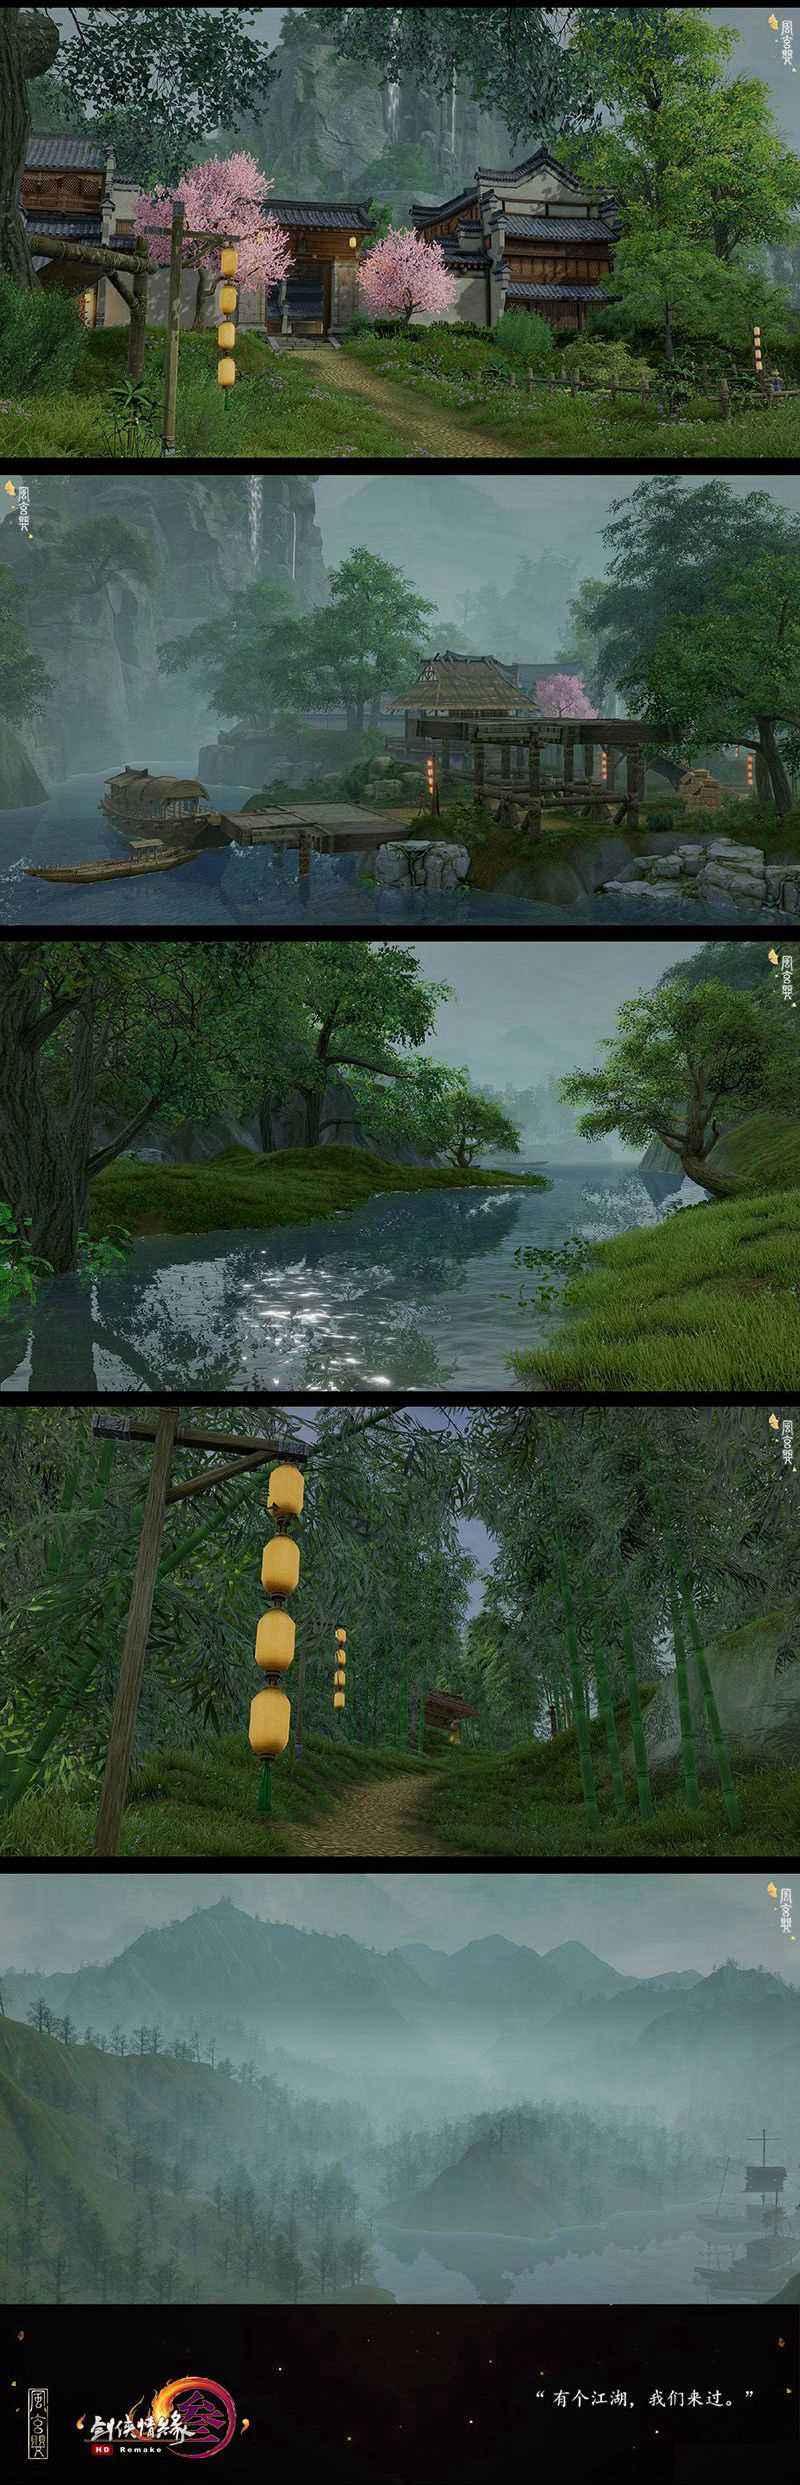 大美江湖 剑网3重制版有爱玩家截图赏